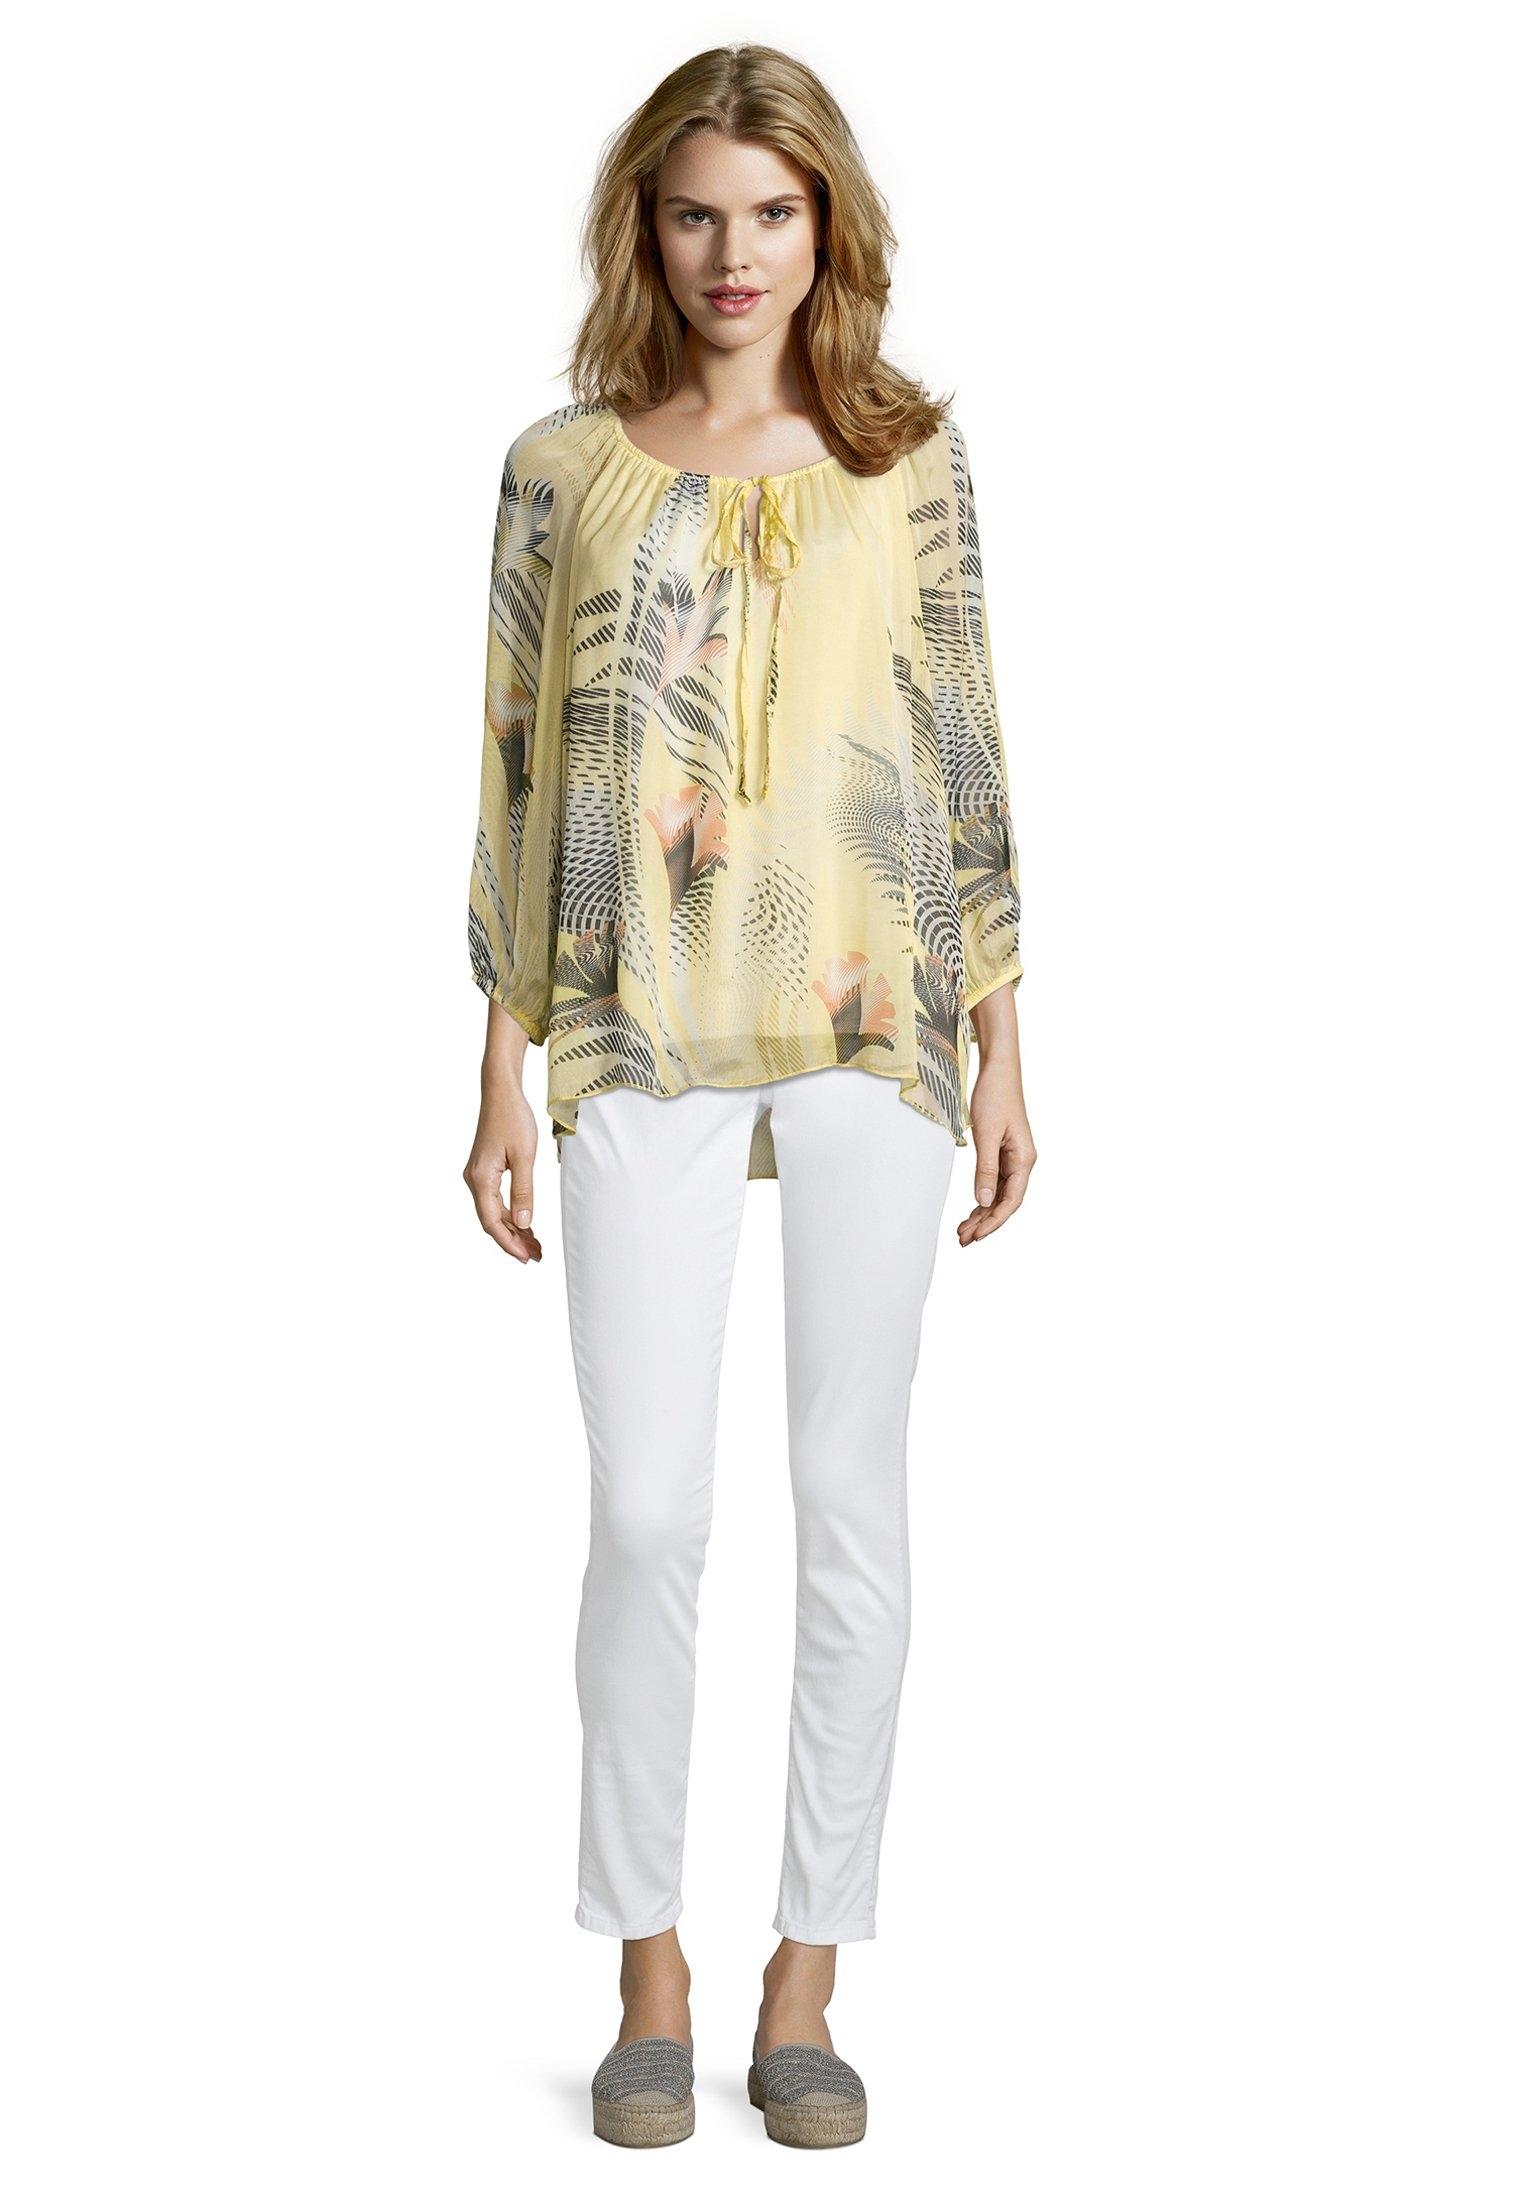 Op zoek naar een Public Casual blouse? Koop online bij OTTO